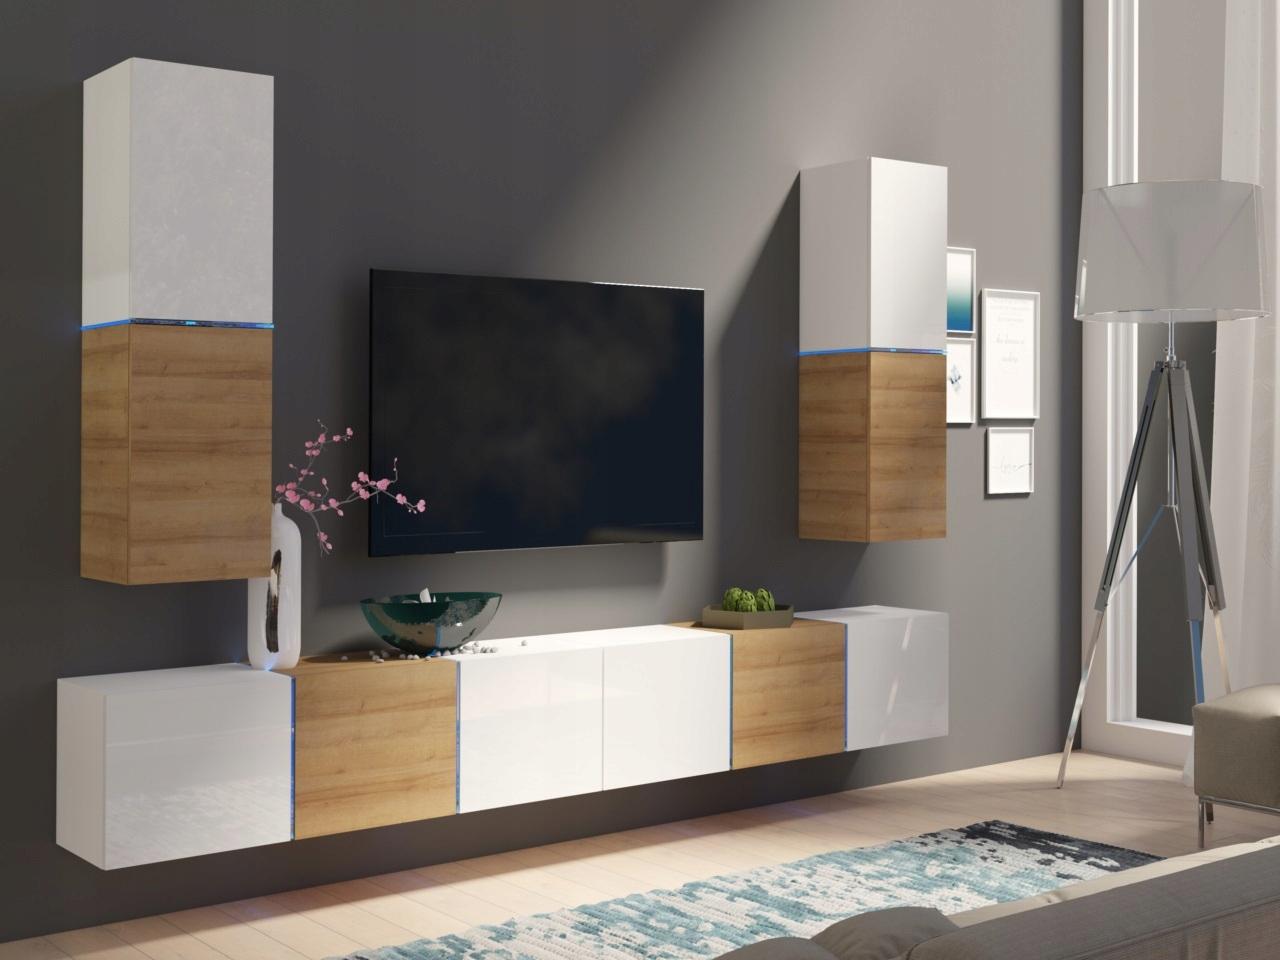 Купить Мебель СПАЛЬНЯ meblościanka domino UST 4 ГЛЯНЕЦ на Eurozakup - цены и фото - доставка из Польши и стран Европы в Украину.